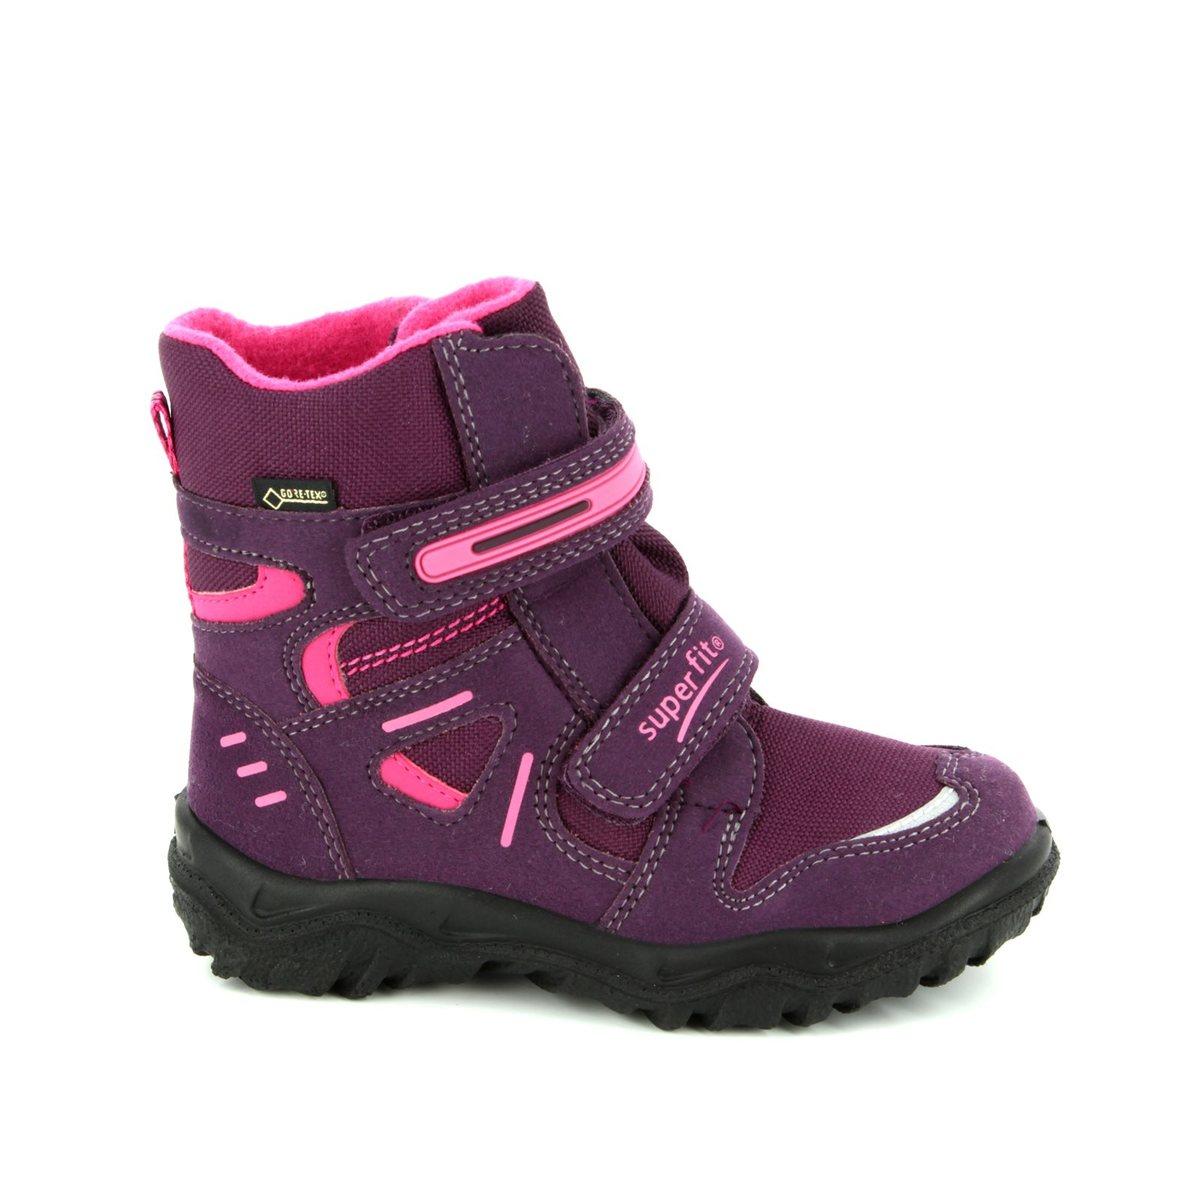 18b8b7045c8 Superfit Boots - Purple multi - 00080/41 HUSKY GORE TEX